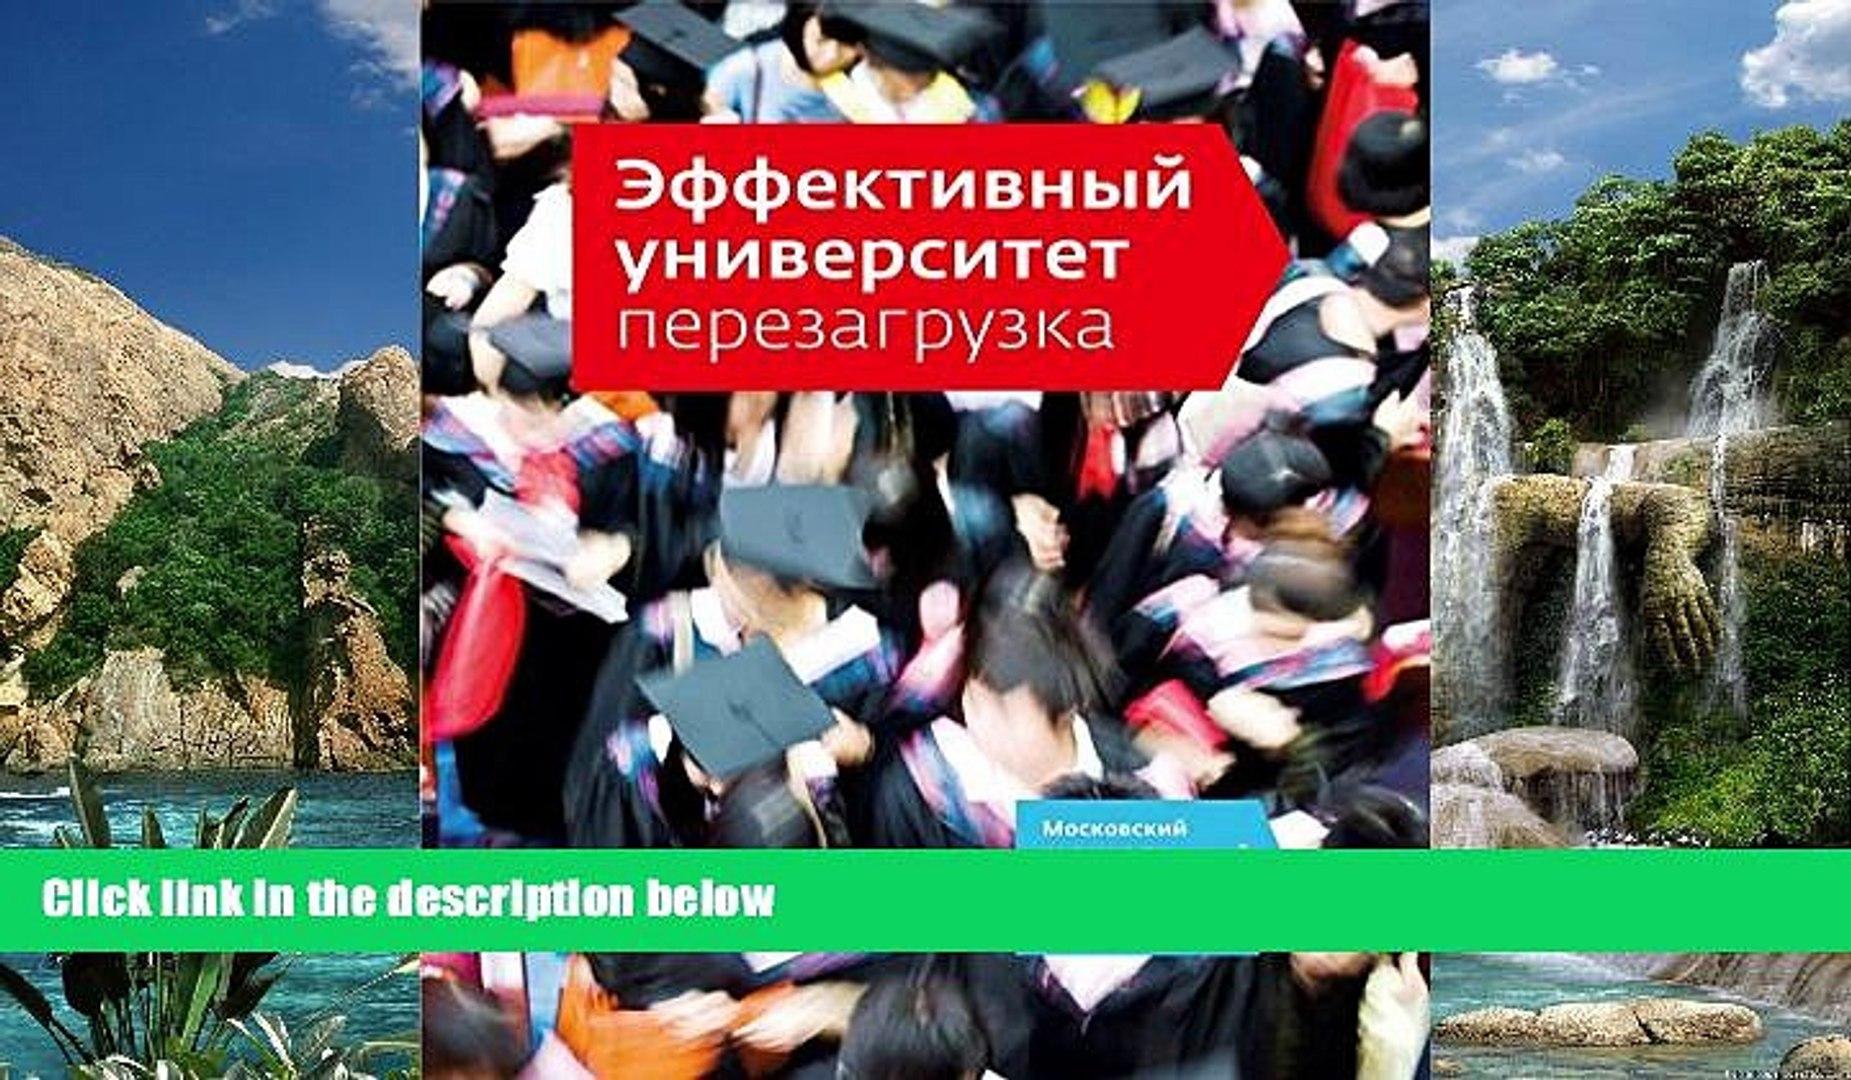 Big Deals  Эффективный универ�итет: перезагрузка (Russian